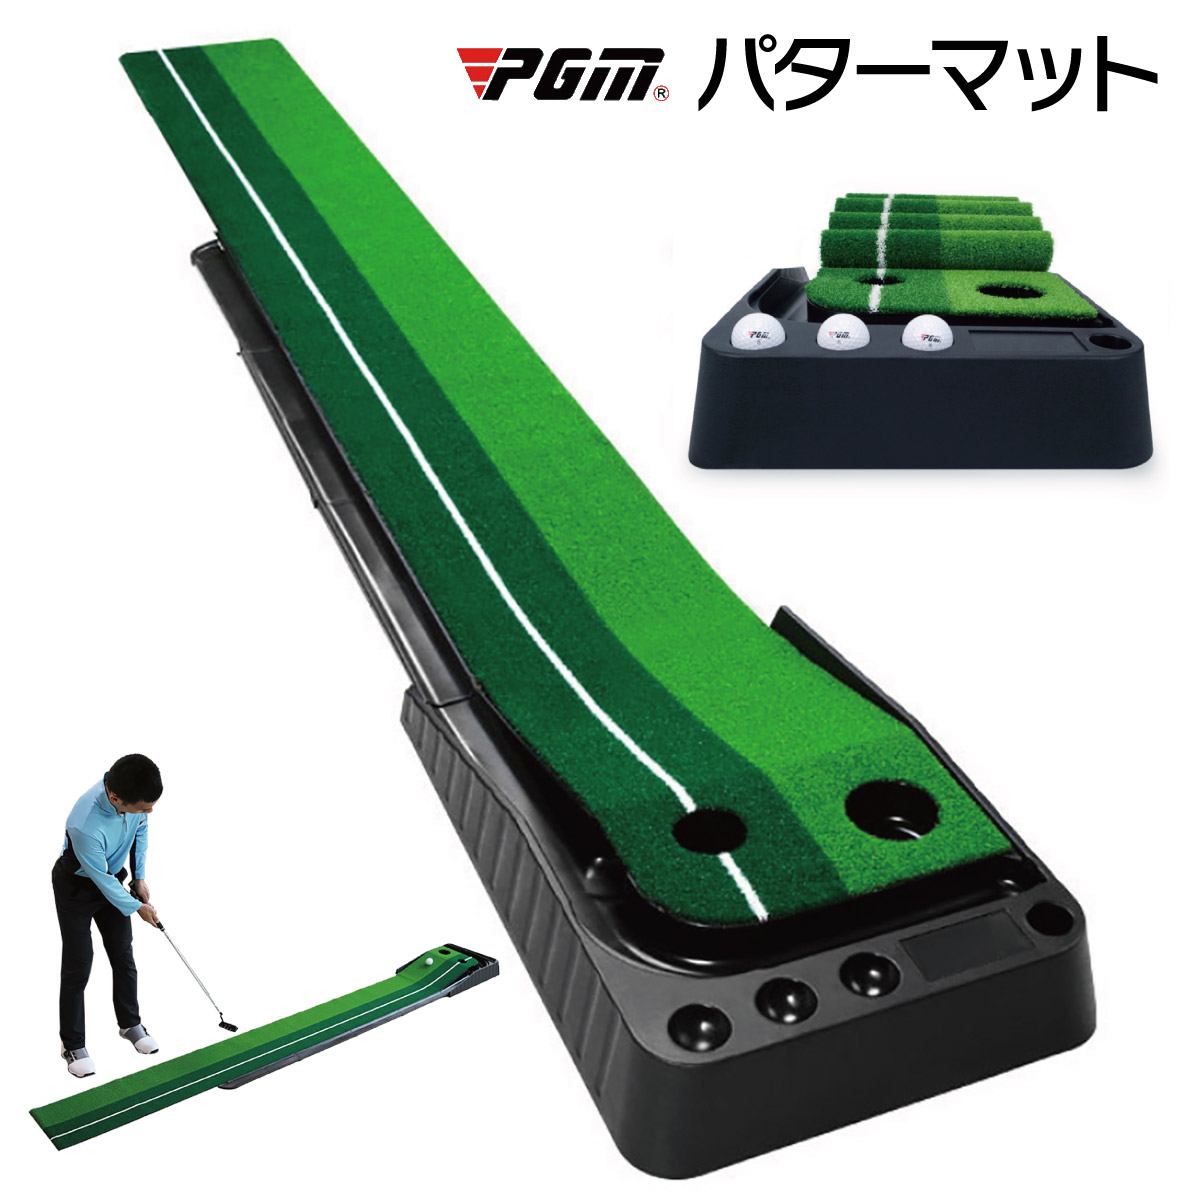 初心者から上級者までしっかり練習できる 本格仕様パターマット ゴルフ 大幅値下げランキング パターマット 2.5m pgm-putter ゴルフマット ゴルフ練習マット 通販 返球機能付き パター練習